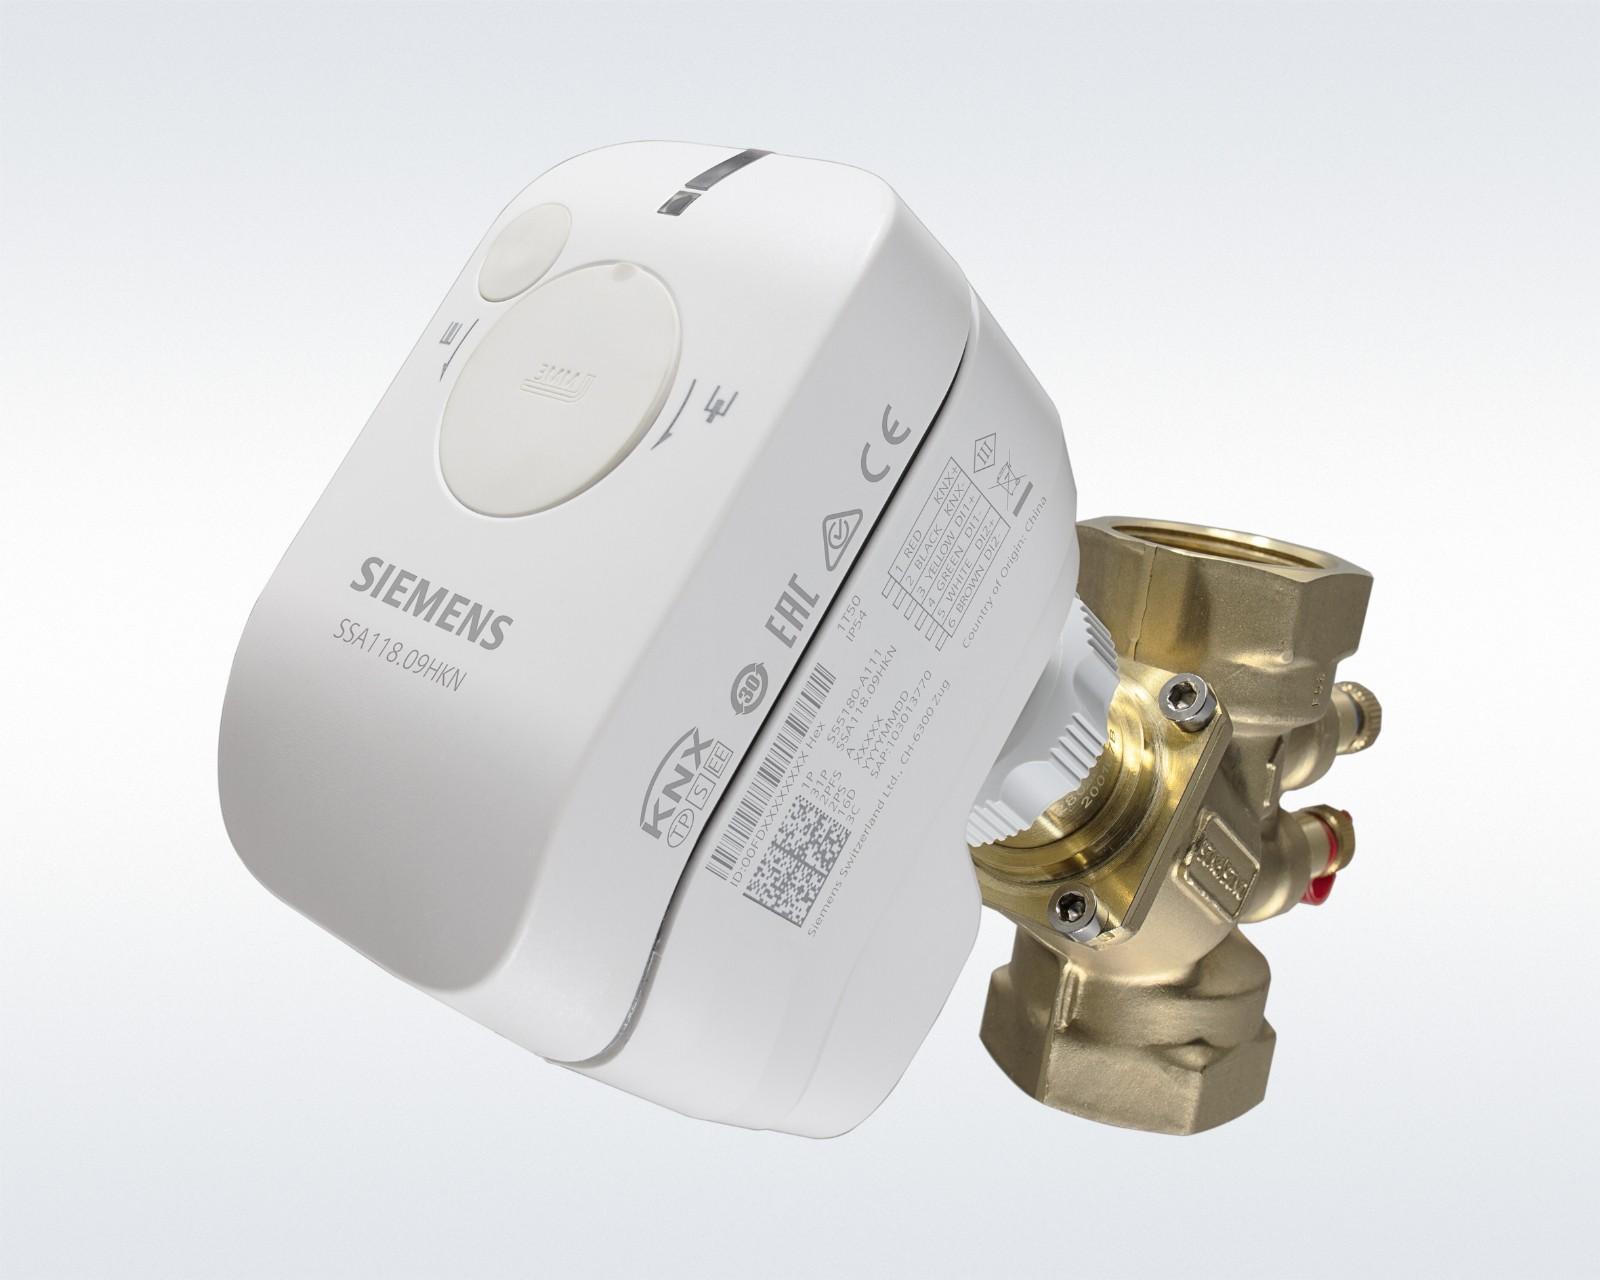 Siemens aktüatör serisi birçok görevi aynı anda yapabiliyor